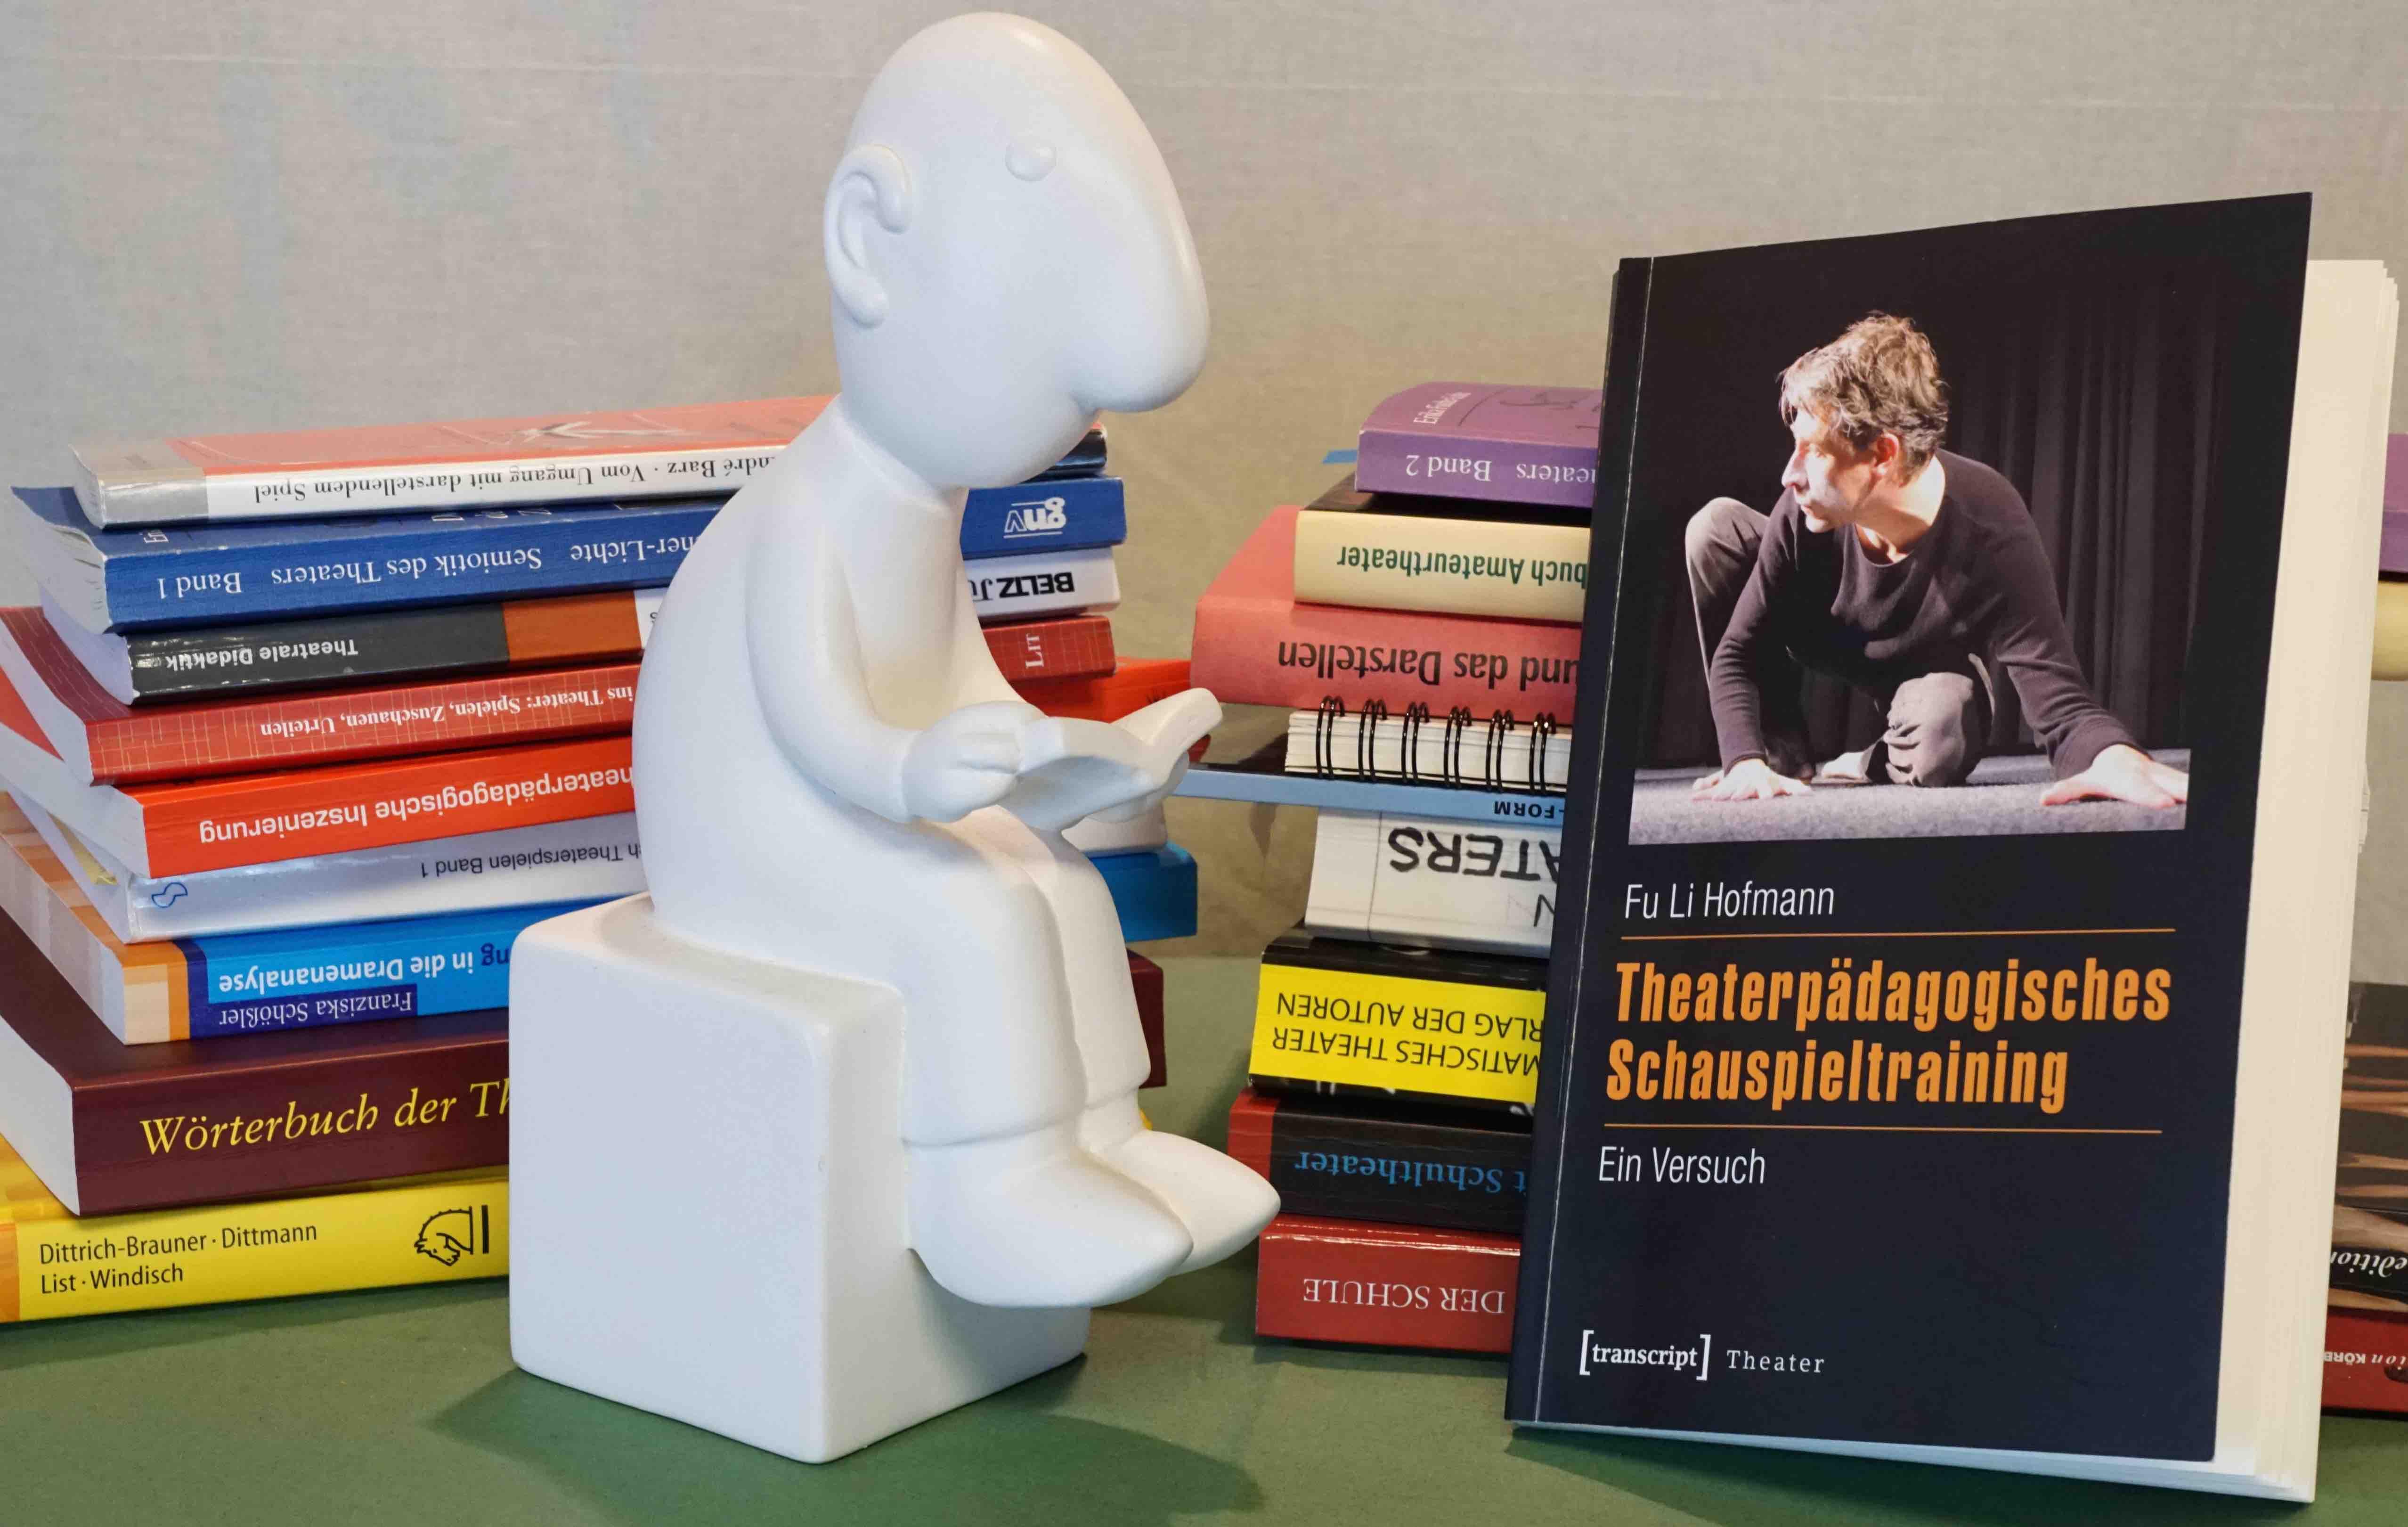 Hofmann (2015): Theaterpädagogisches Schauspieltraining